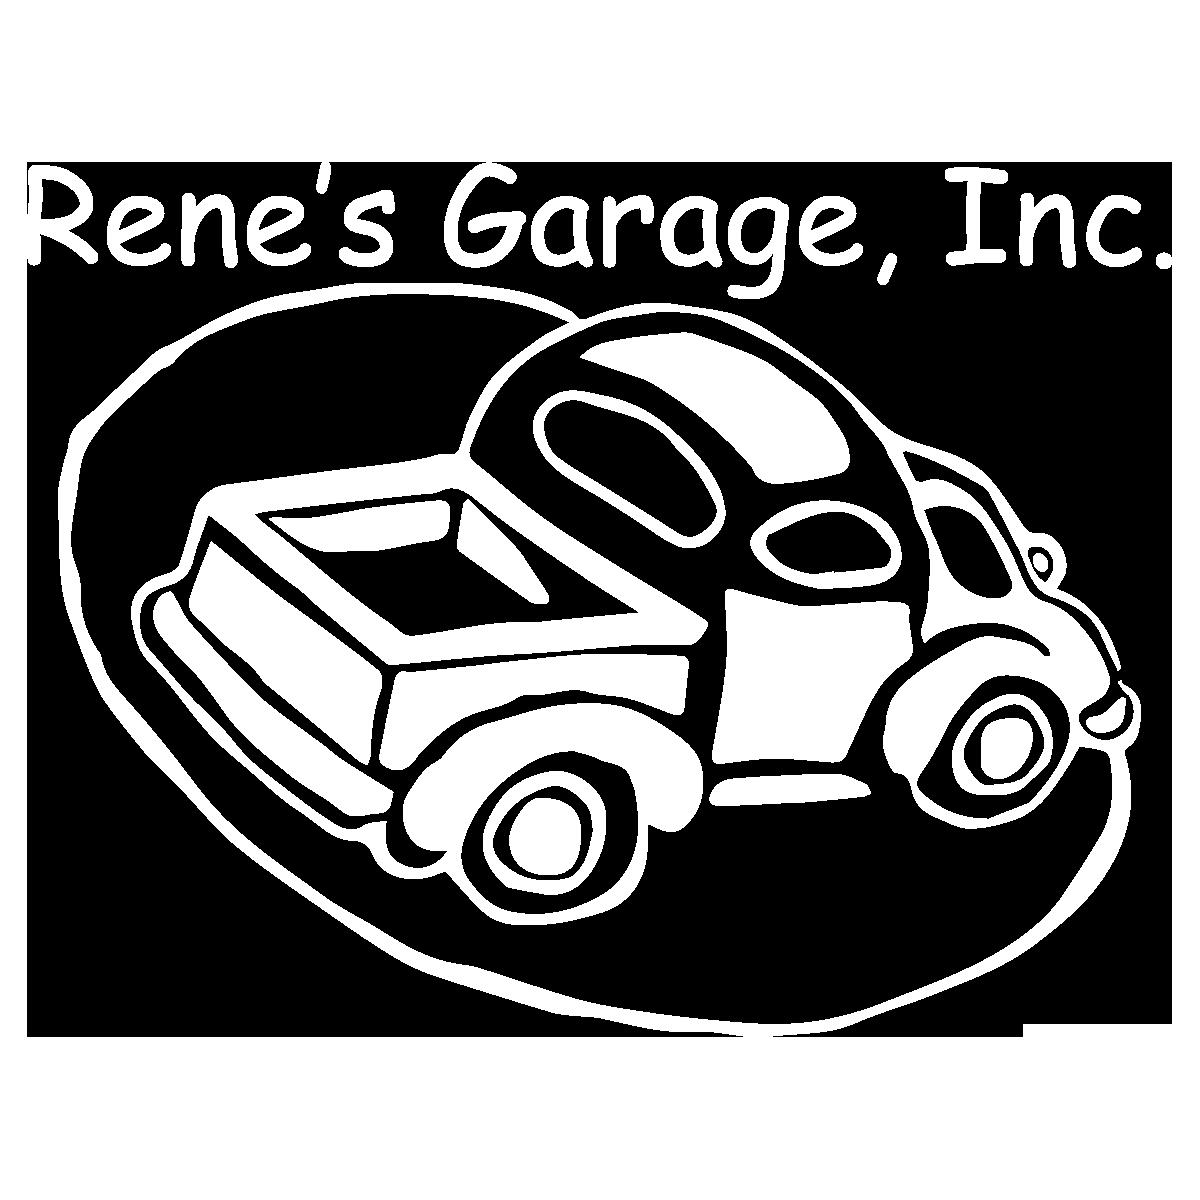 Rene's Garage Inc.